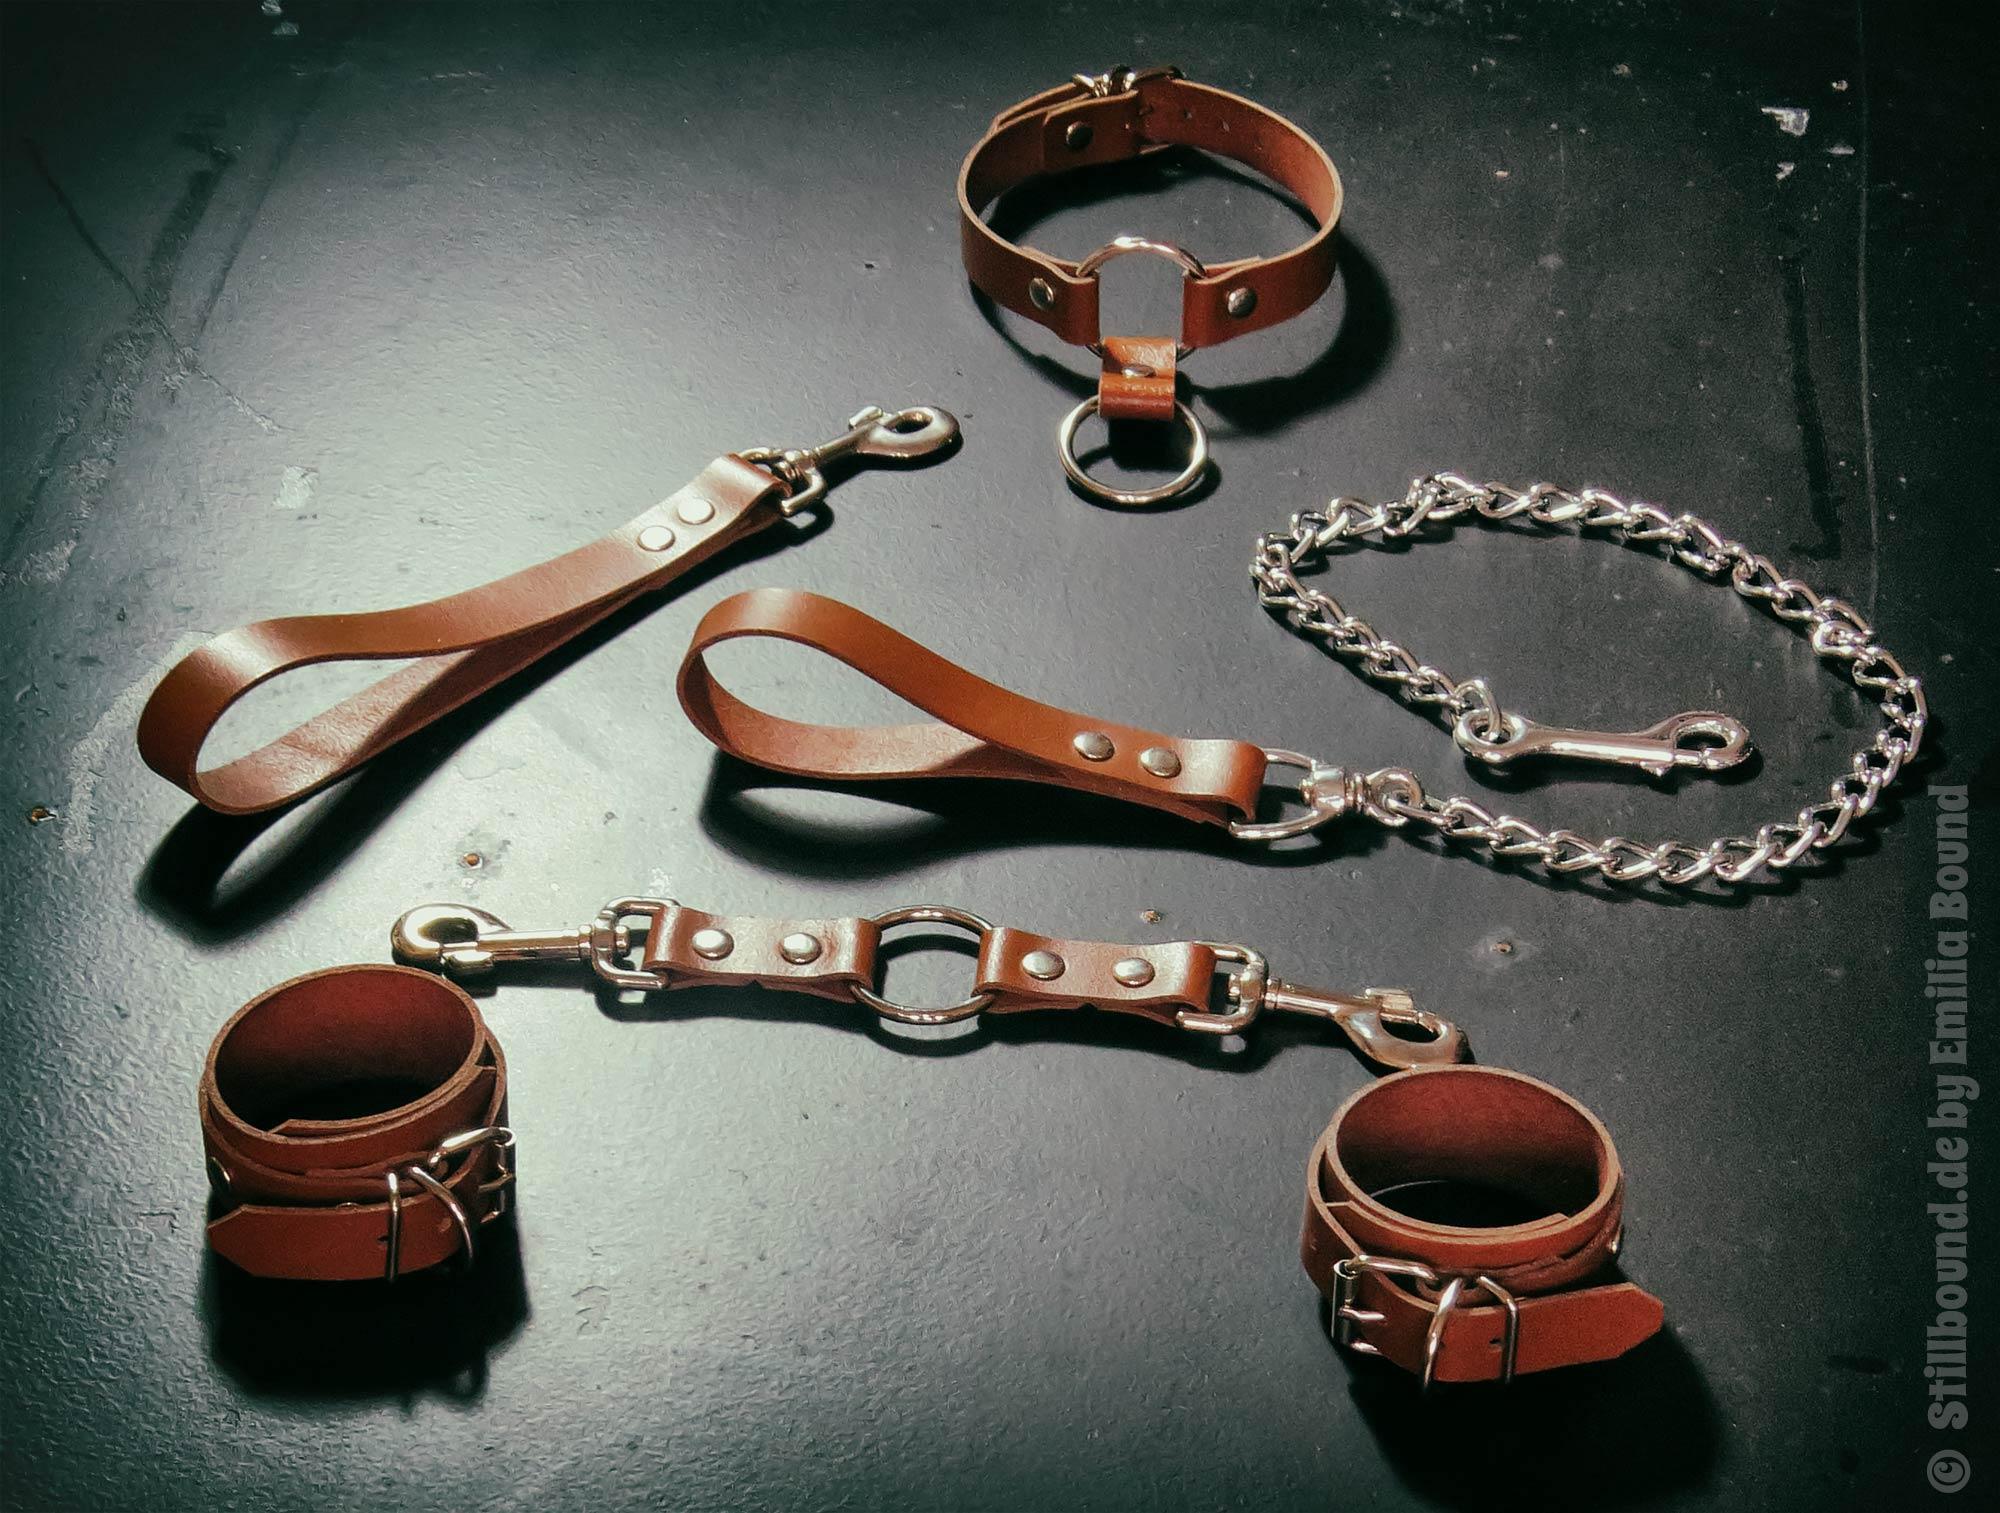 Stillbound Bondageset aus Leder in Braun